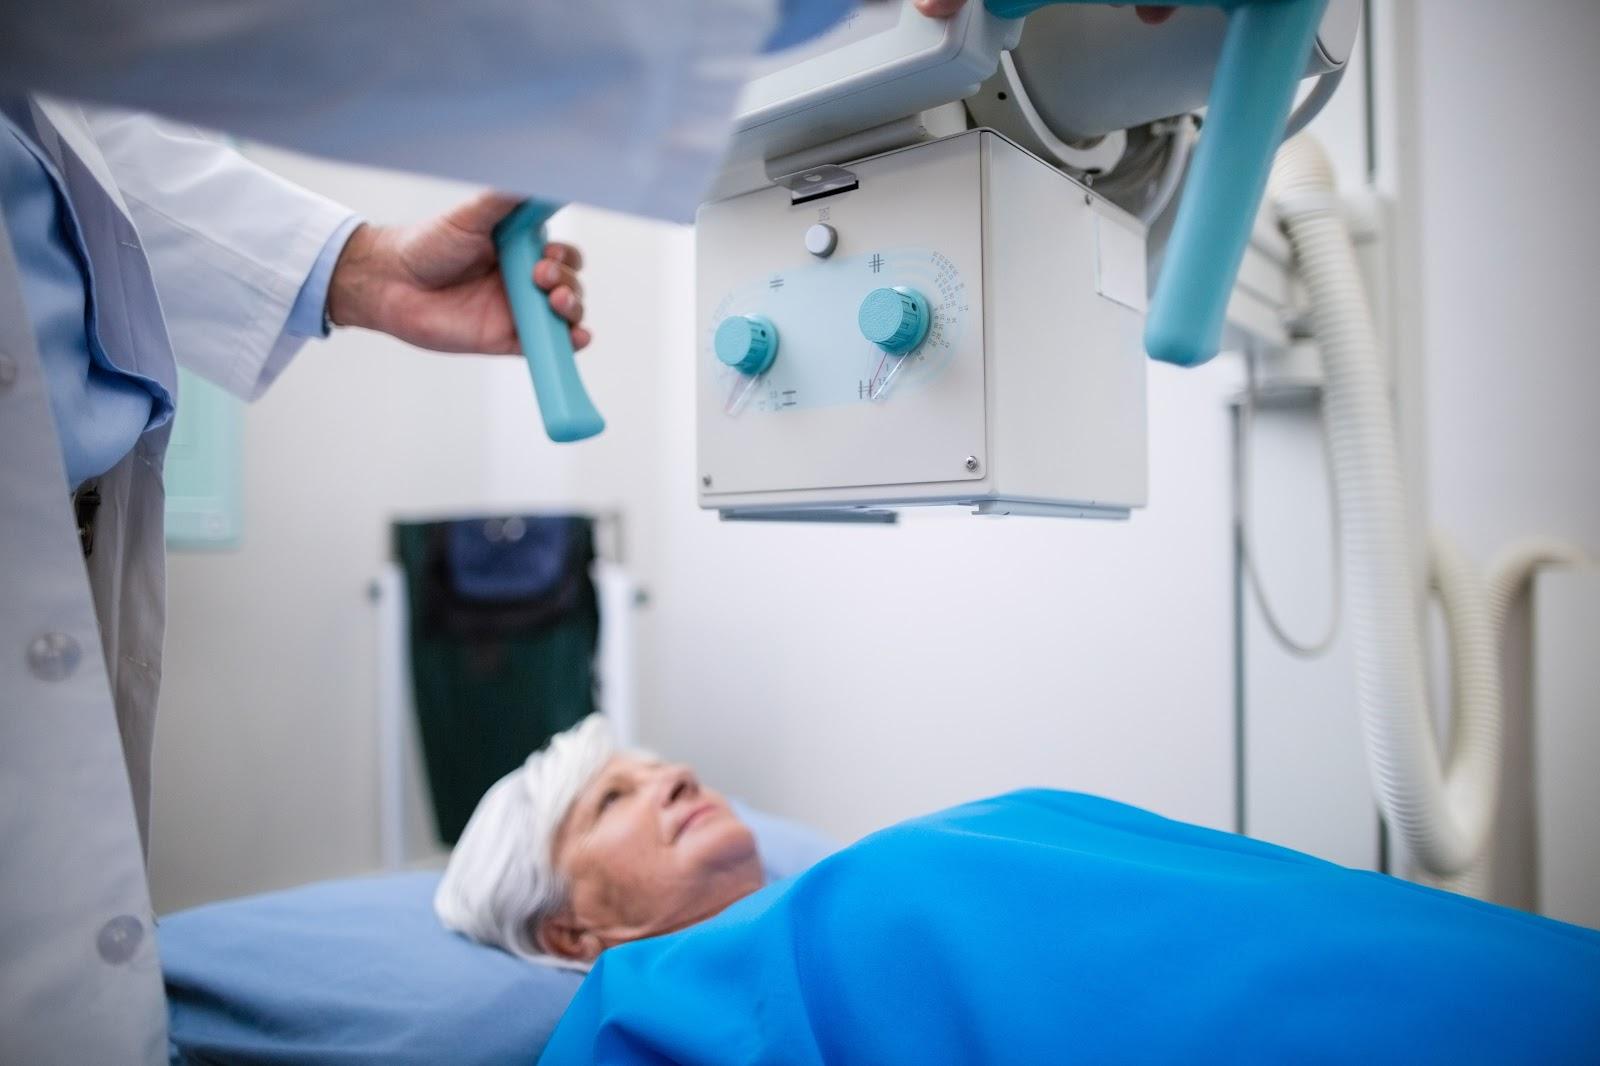 Queda no índice de exames para identificação de tumores pode gerar problemas futuros. (Fonte: Freepik)